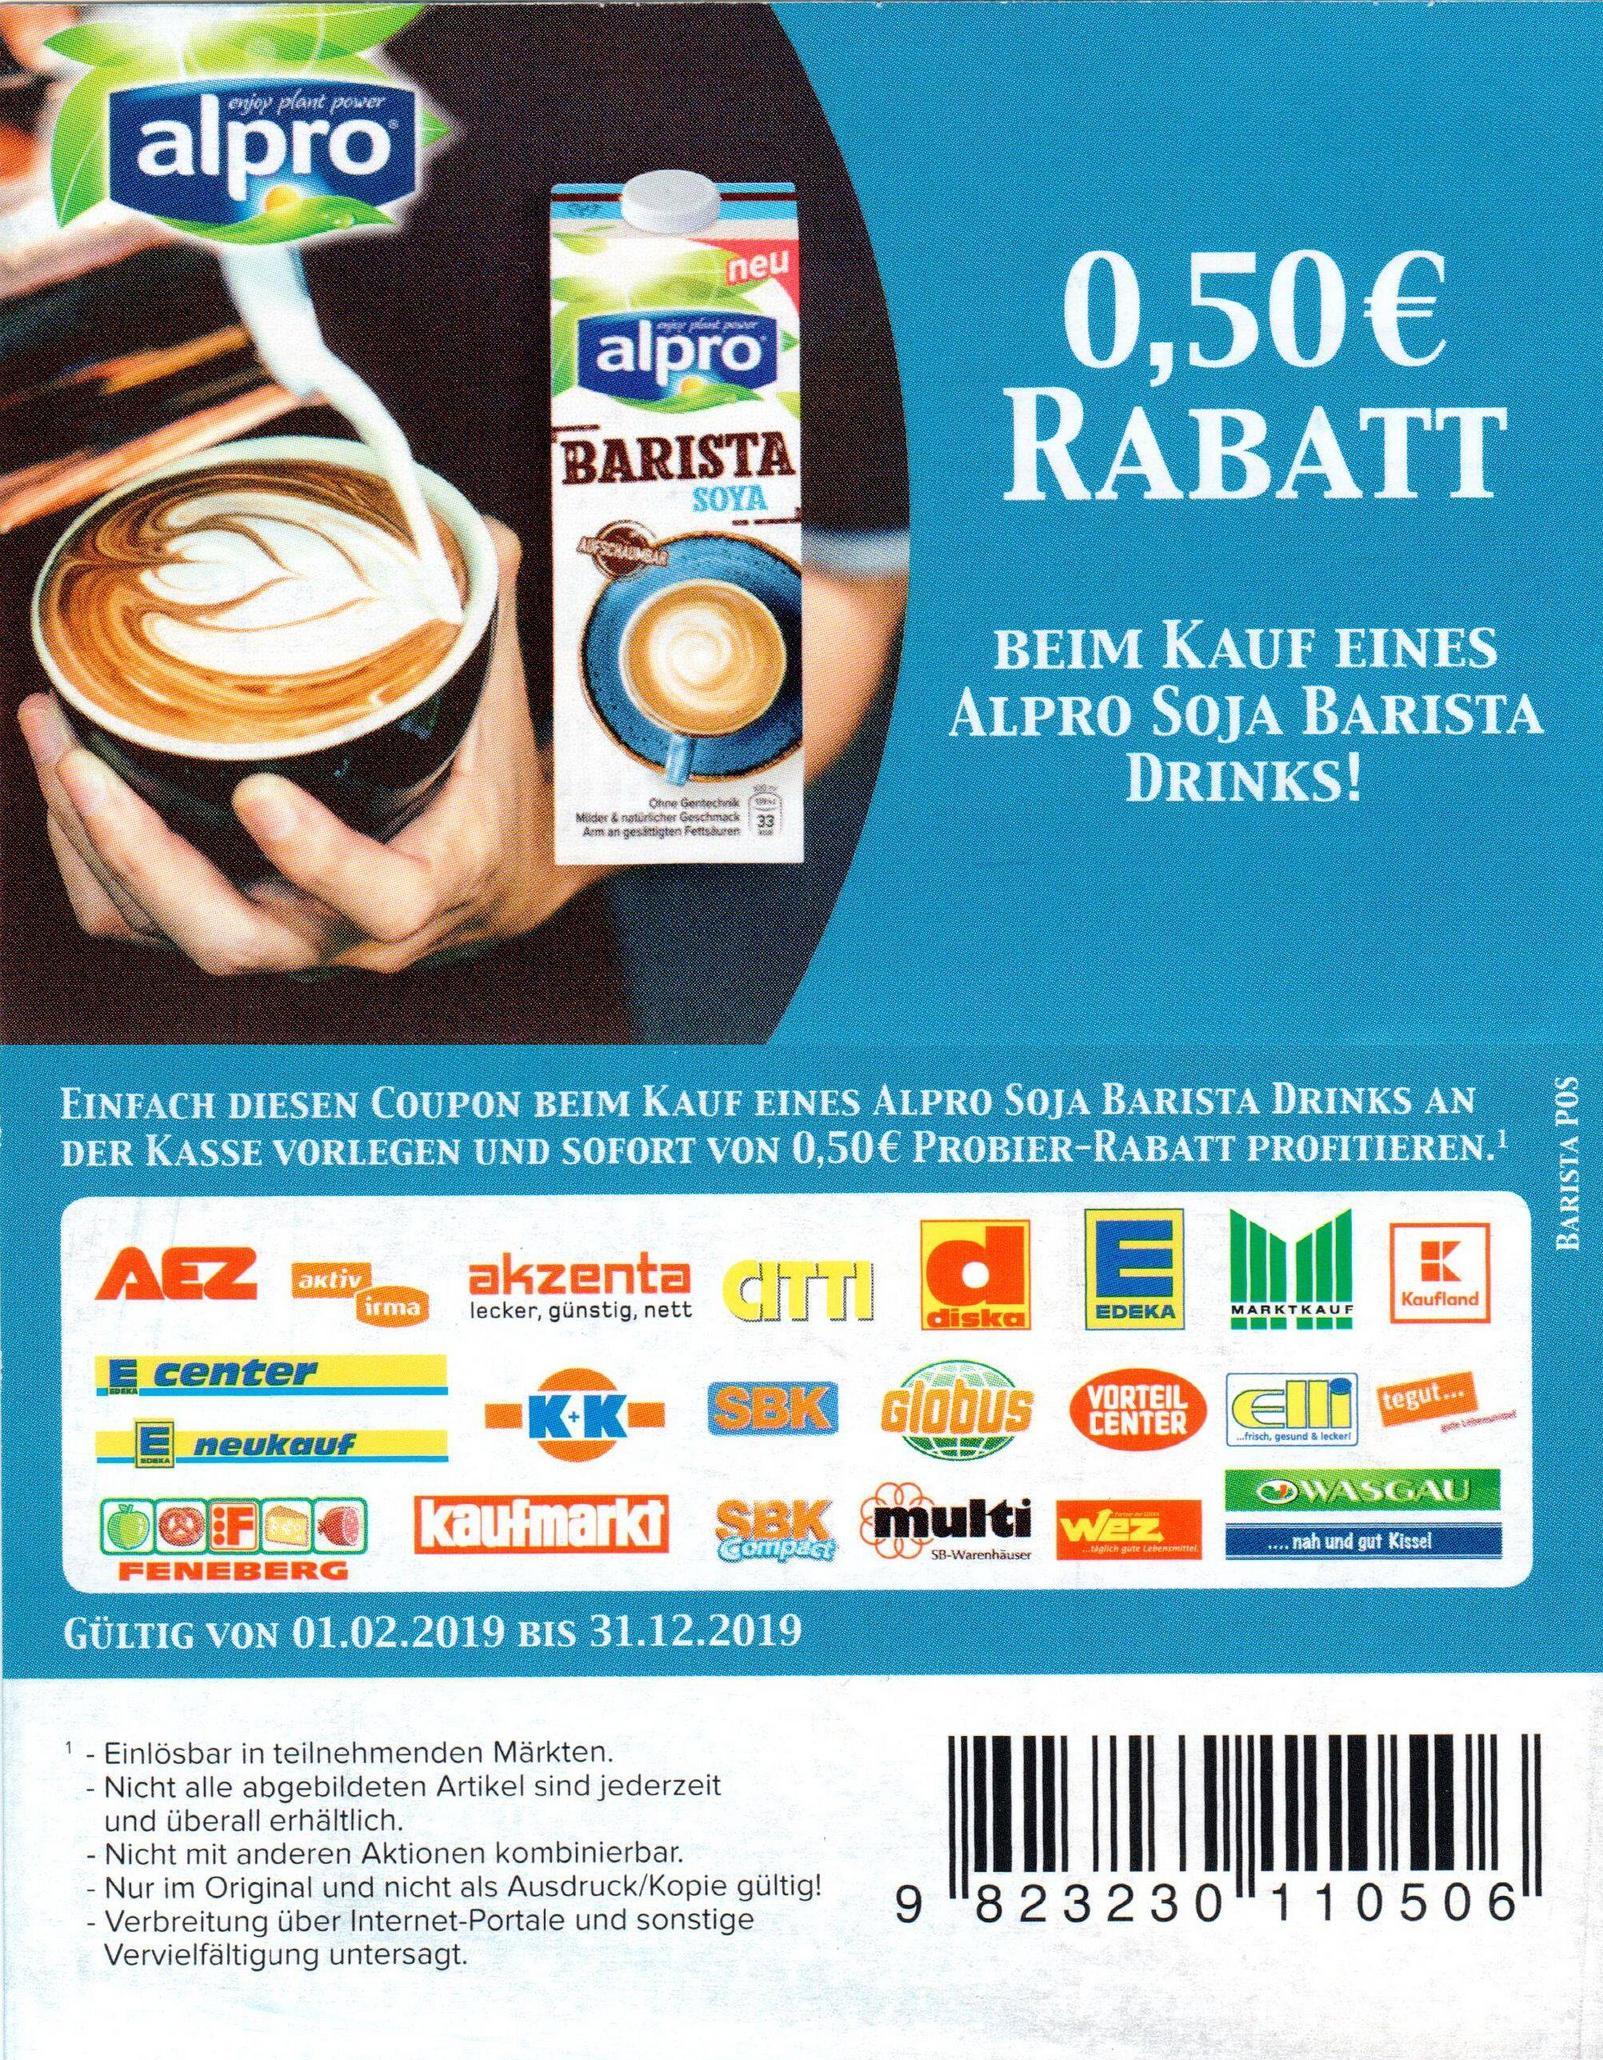 2 neue 0,50€ Coupons für den Kauf von Alpro Hafer-Produkten / Soja Barista Drinks bis 31.12.2019